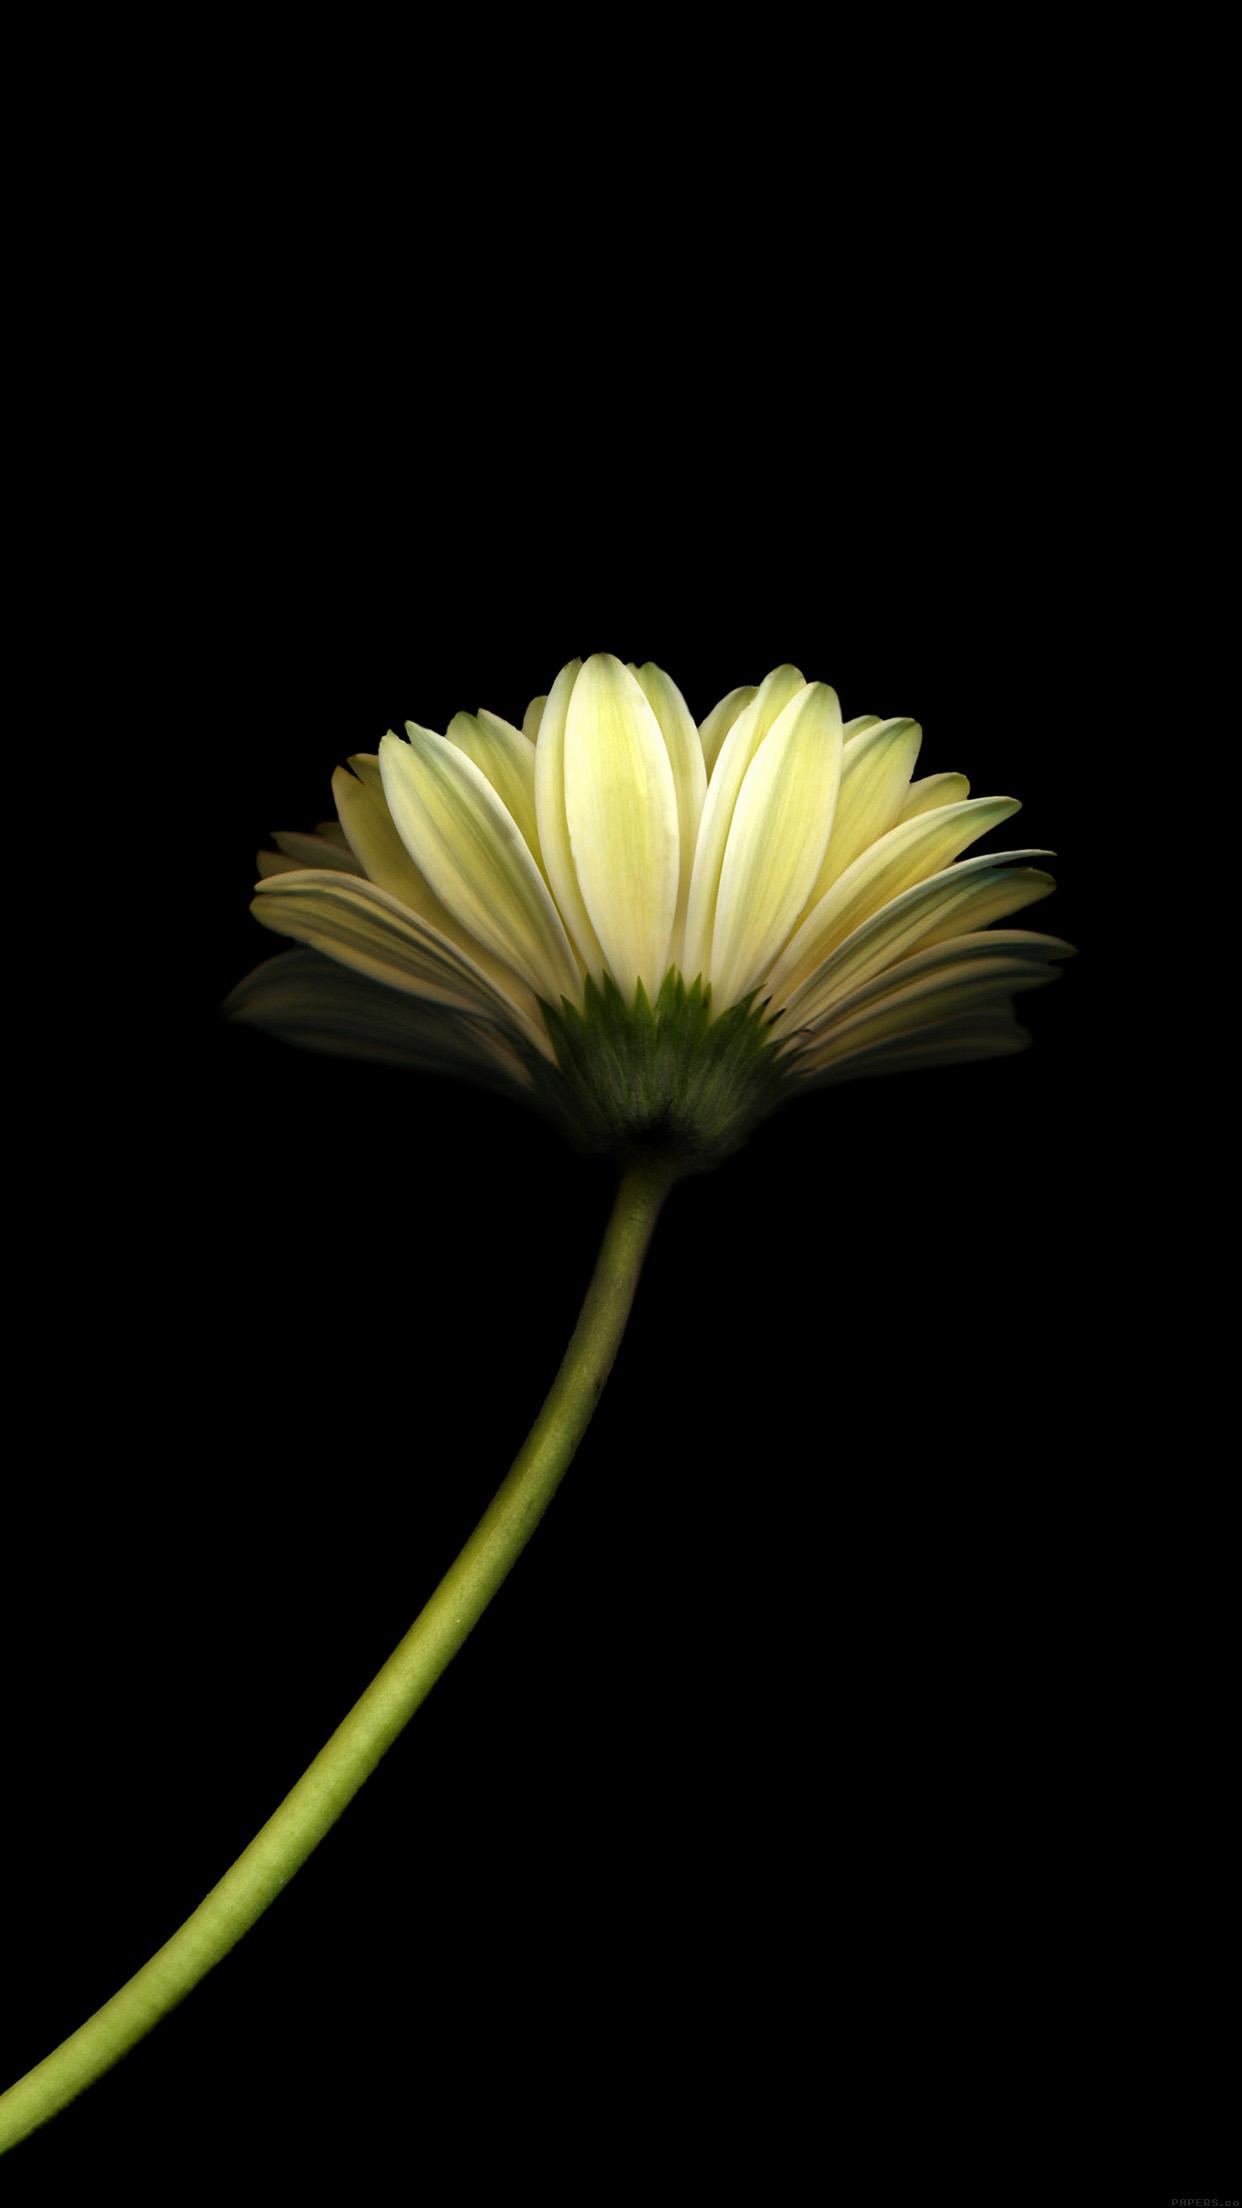 Kpop Girls Desktop Wallpaper Mk67 Lonely Flower Dark Simple Minimal Nature Papers Co